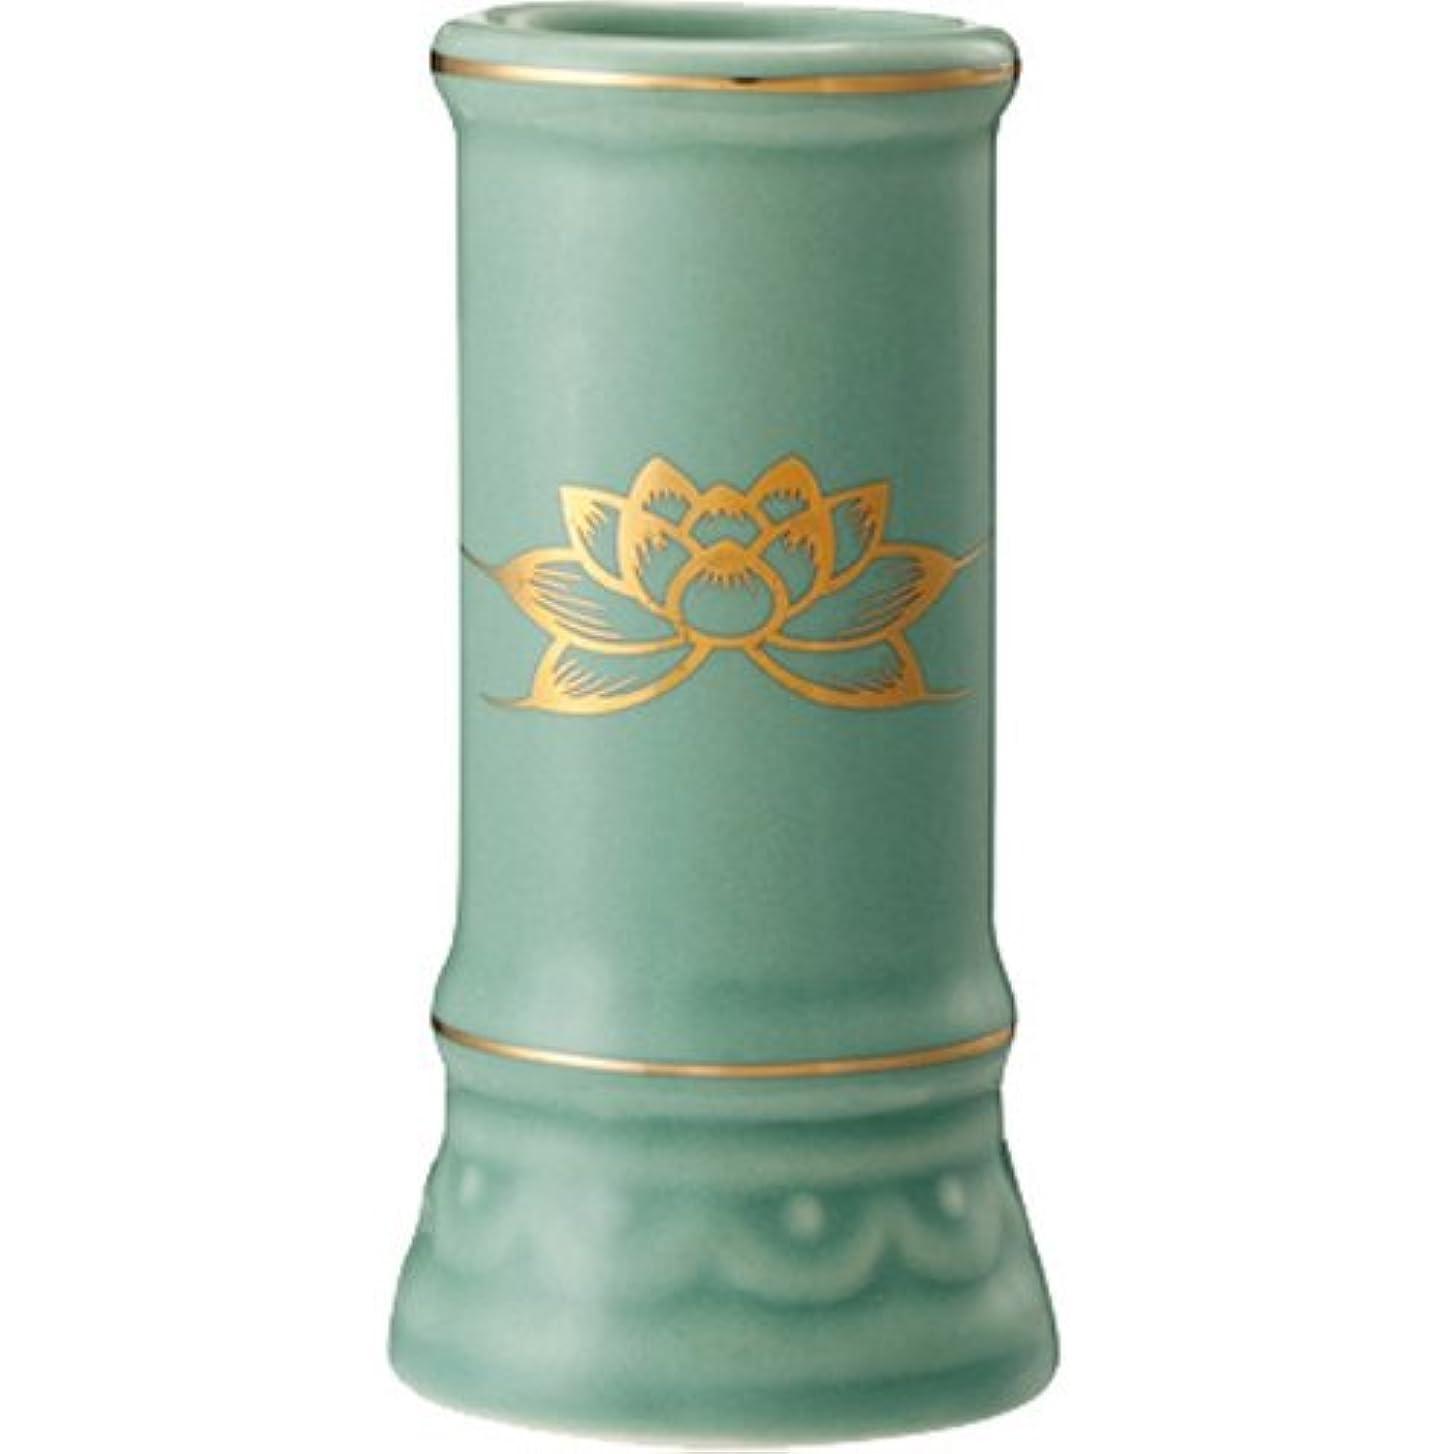 説得力のあるビタミンガチョウ日本香堂 線香立て ミニ陶器青磁